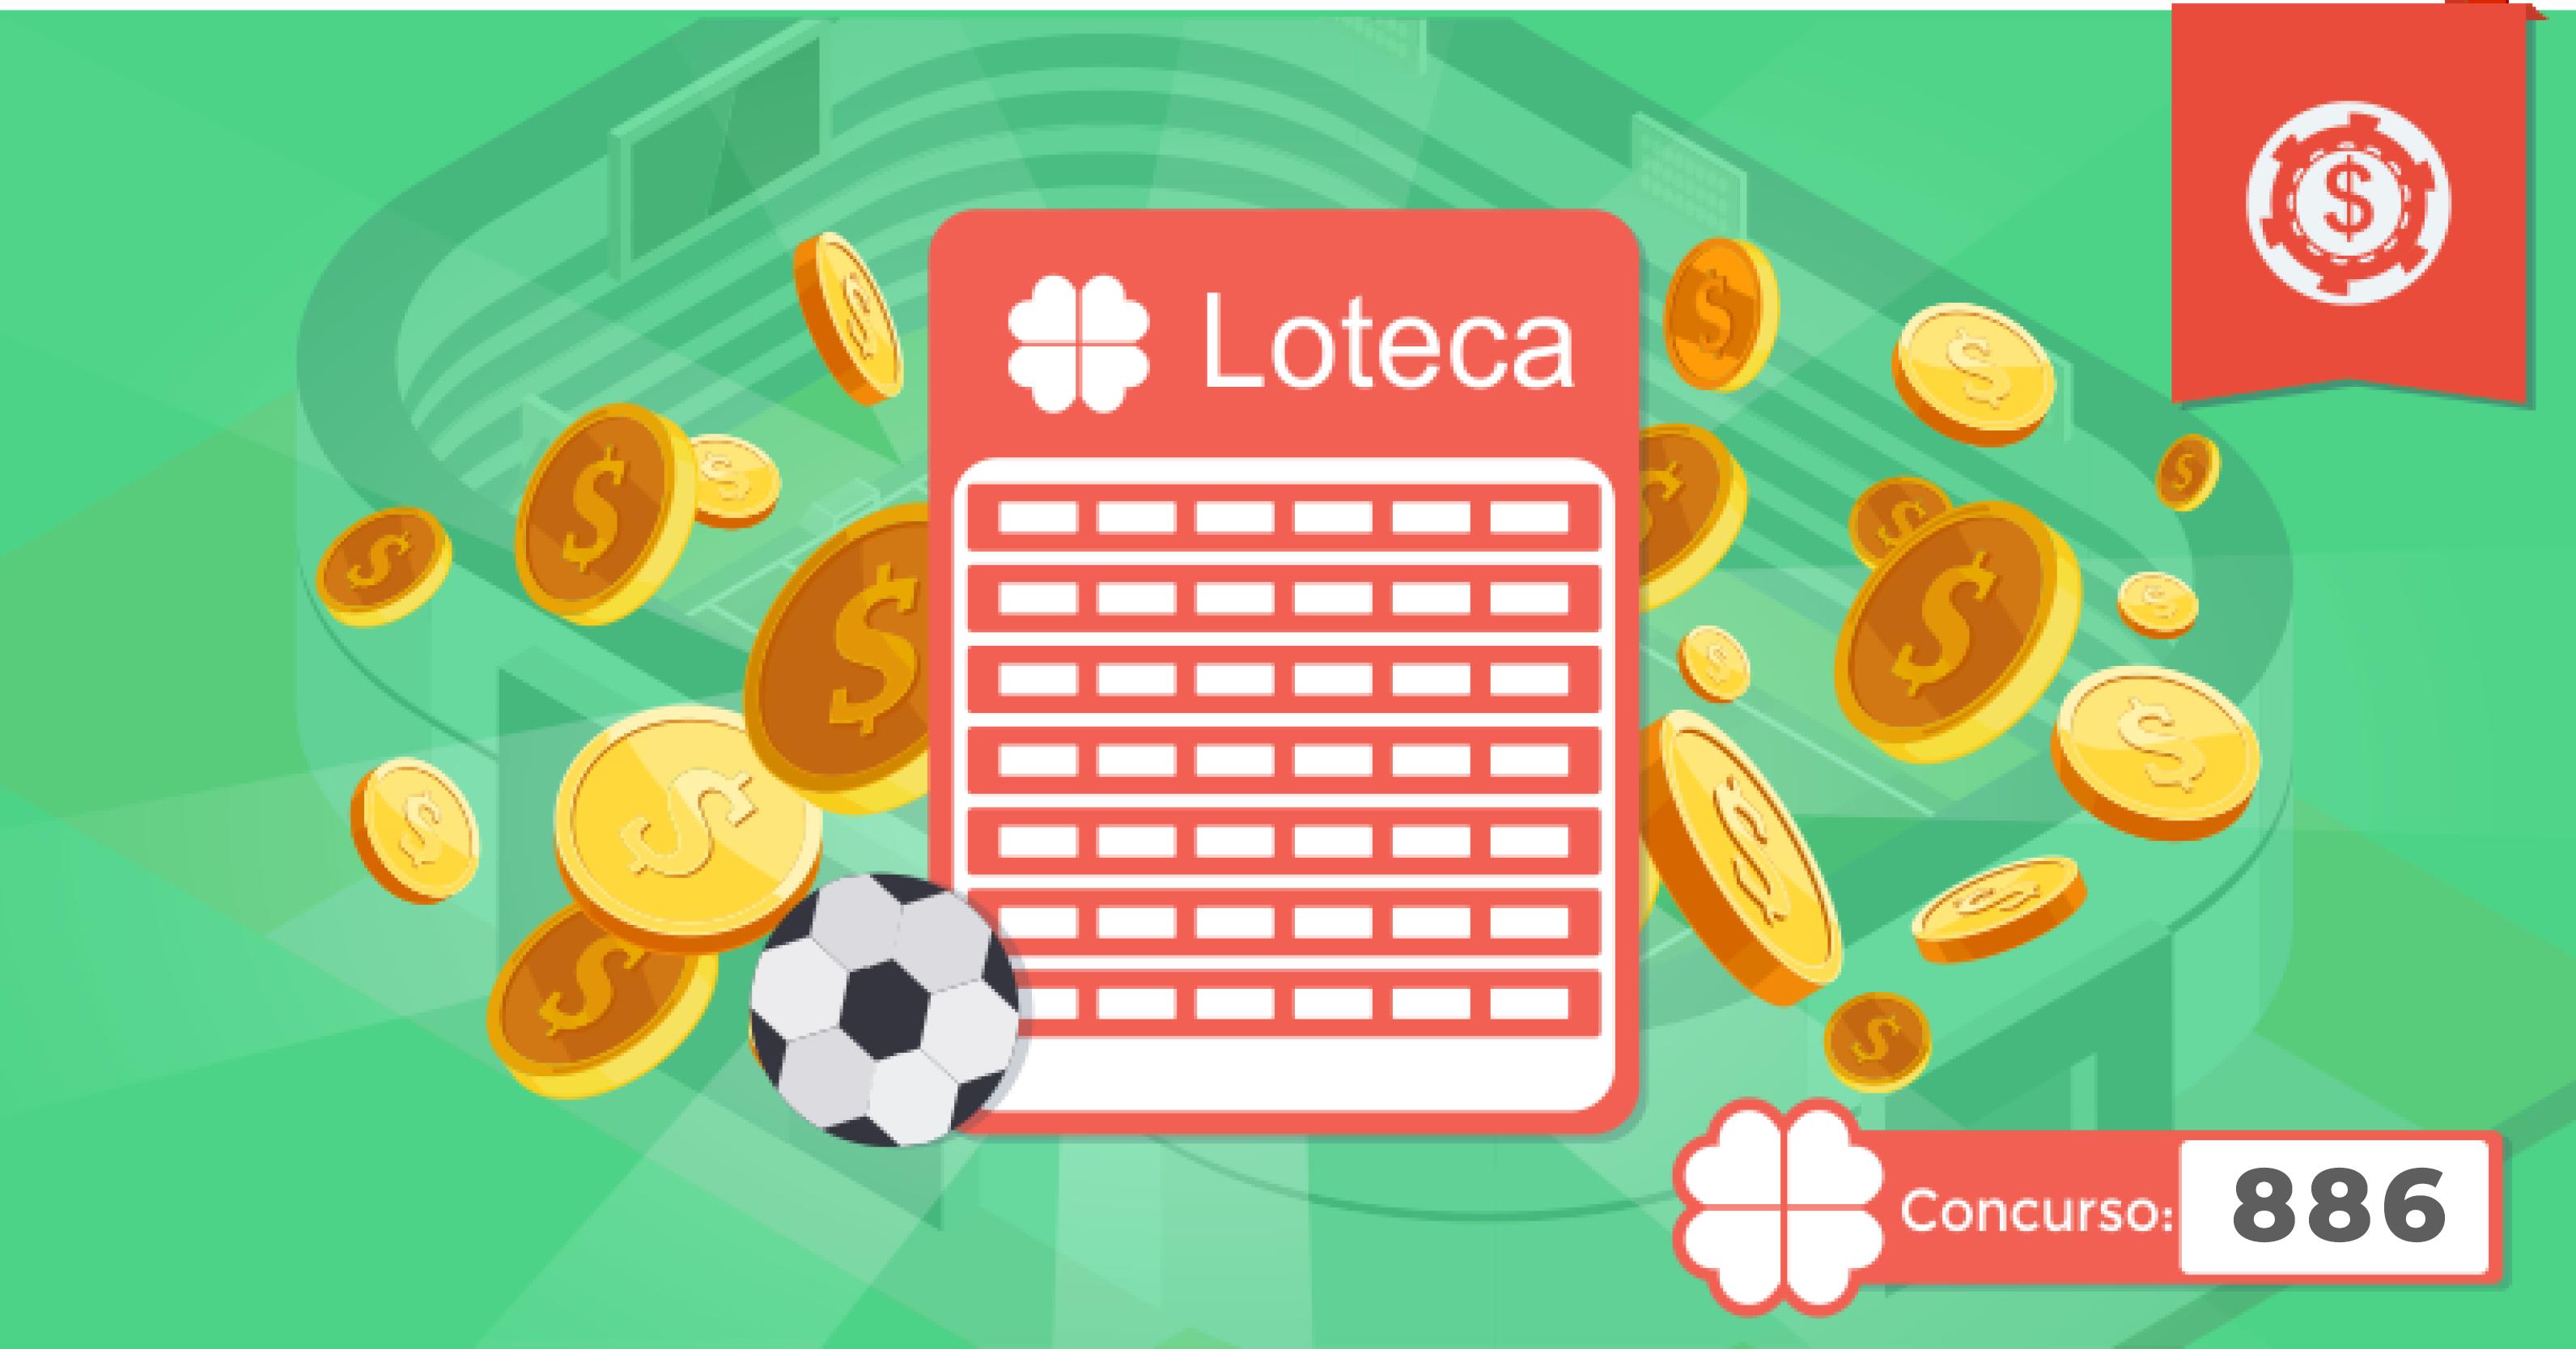 palpites-loteca-886-palpites-loteca-semana